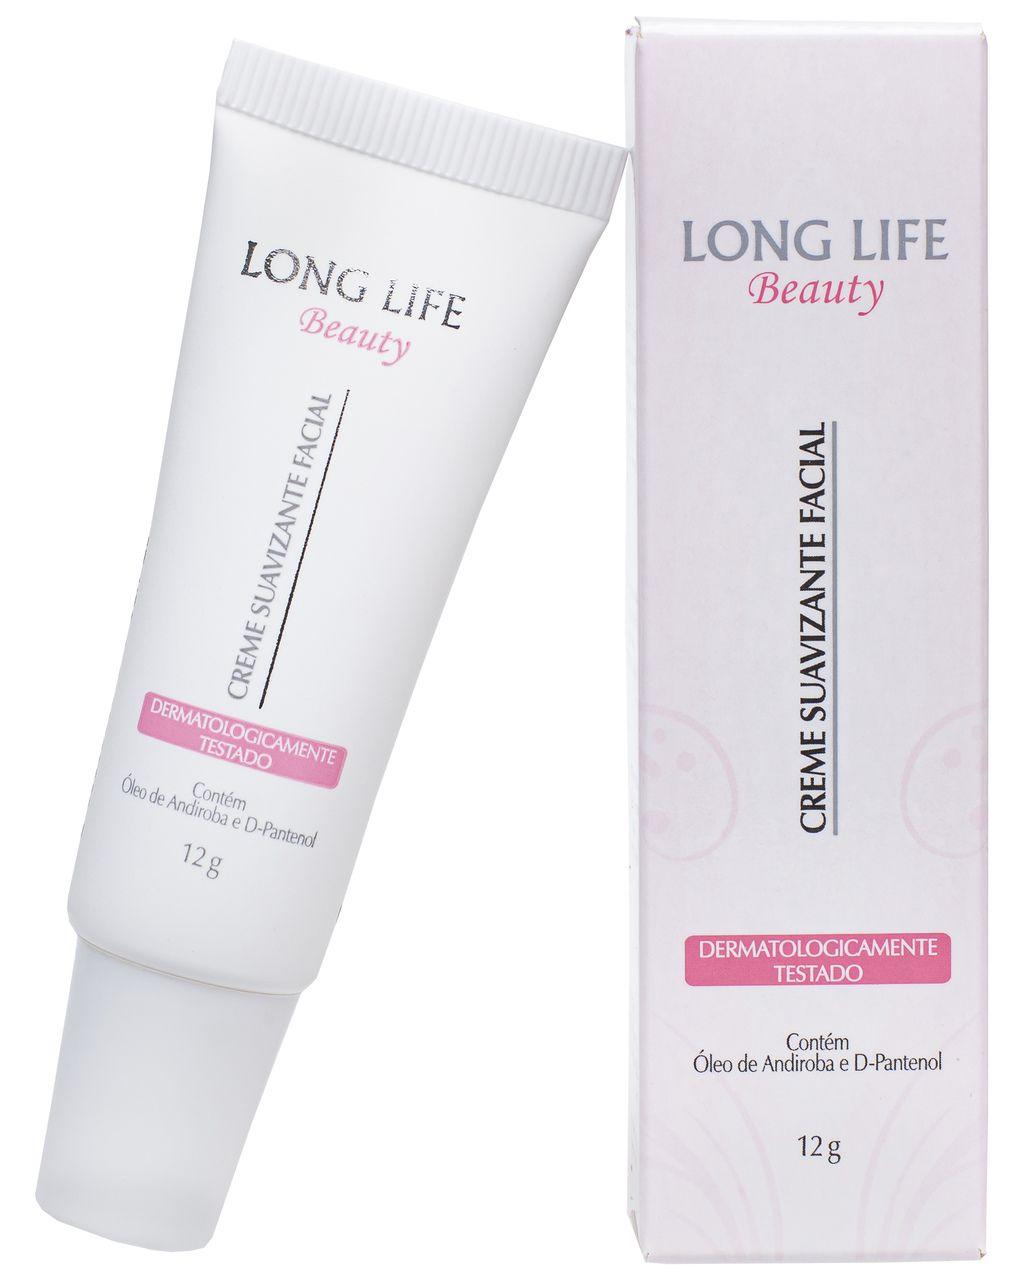 Creme Pós Micropigmentação - Long Life Beauty 12g